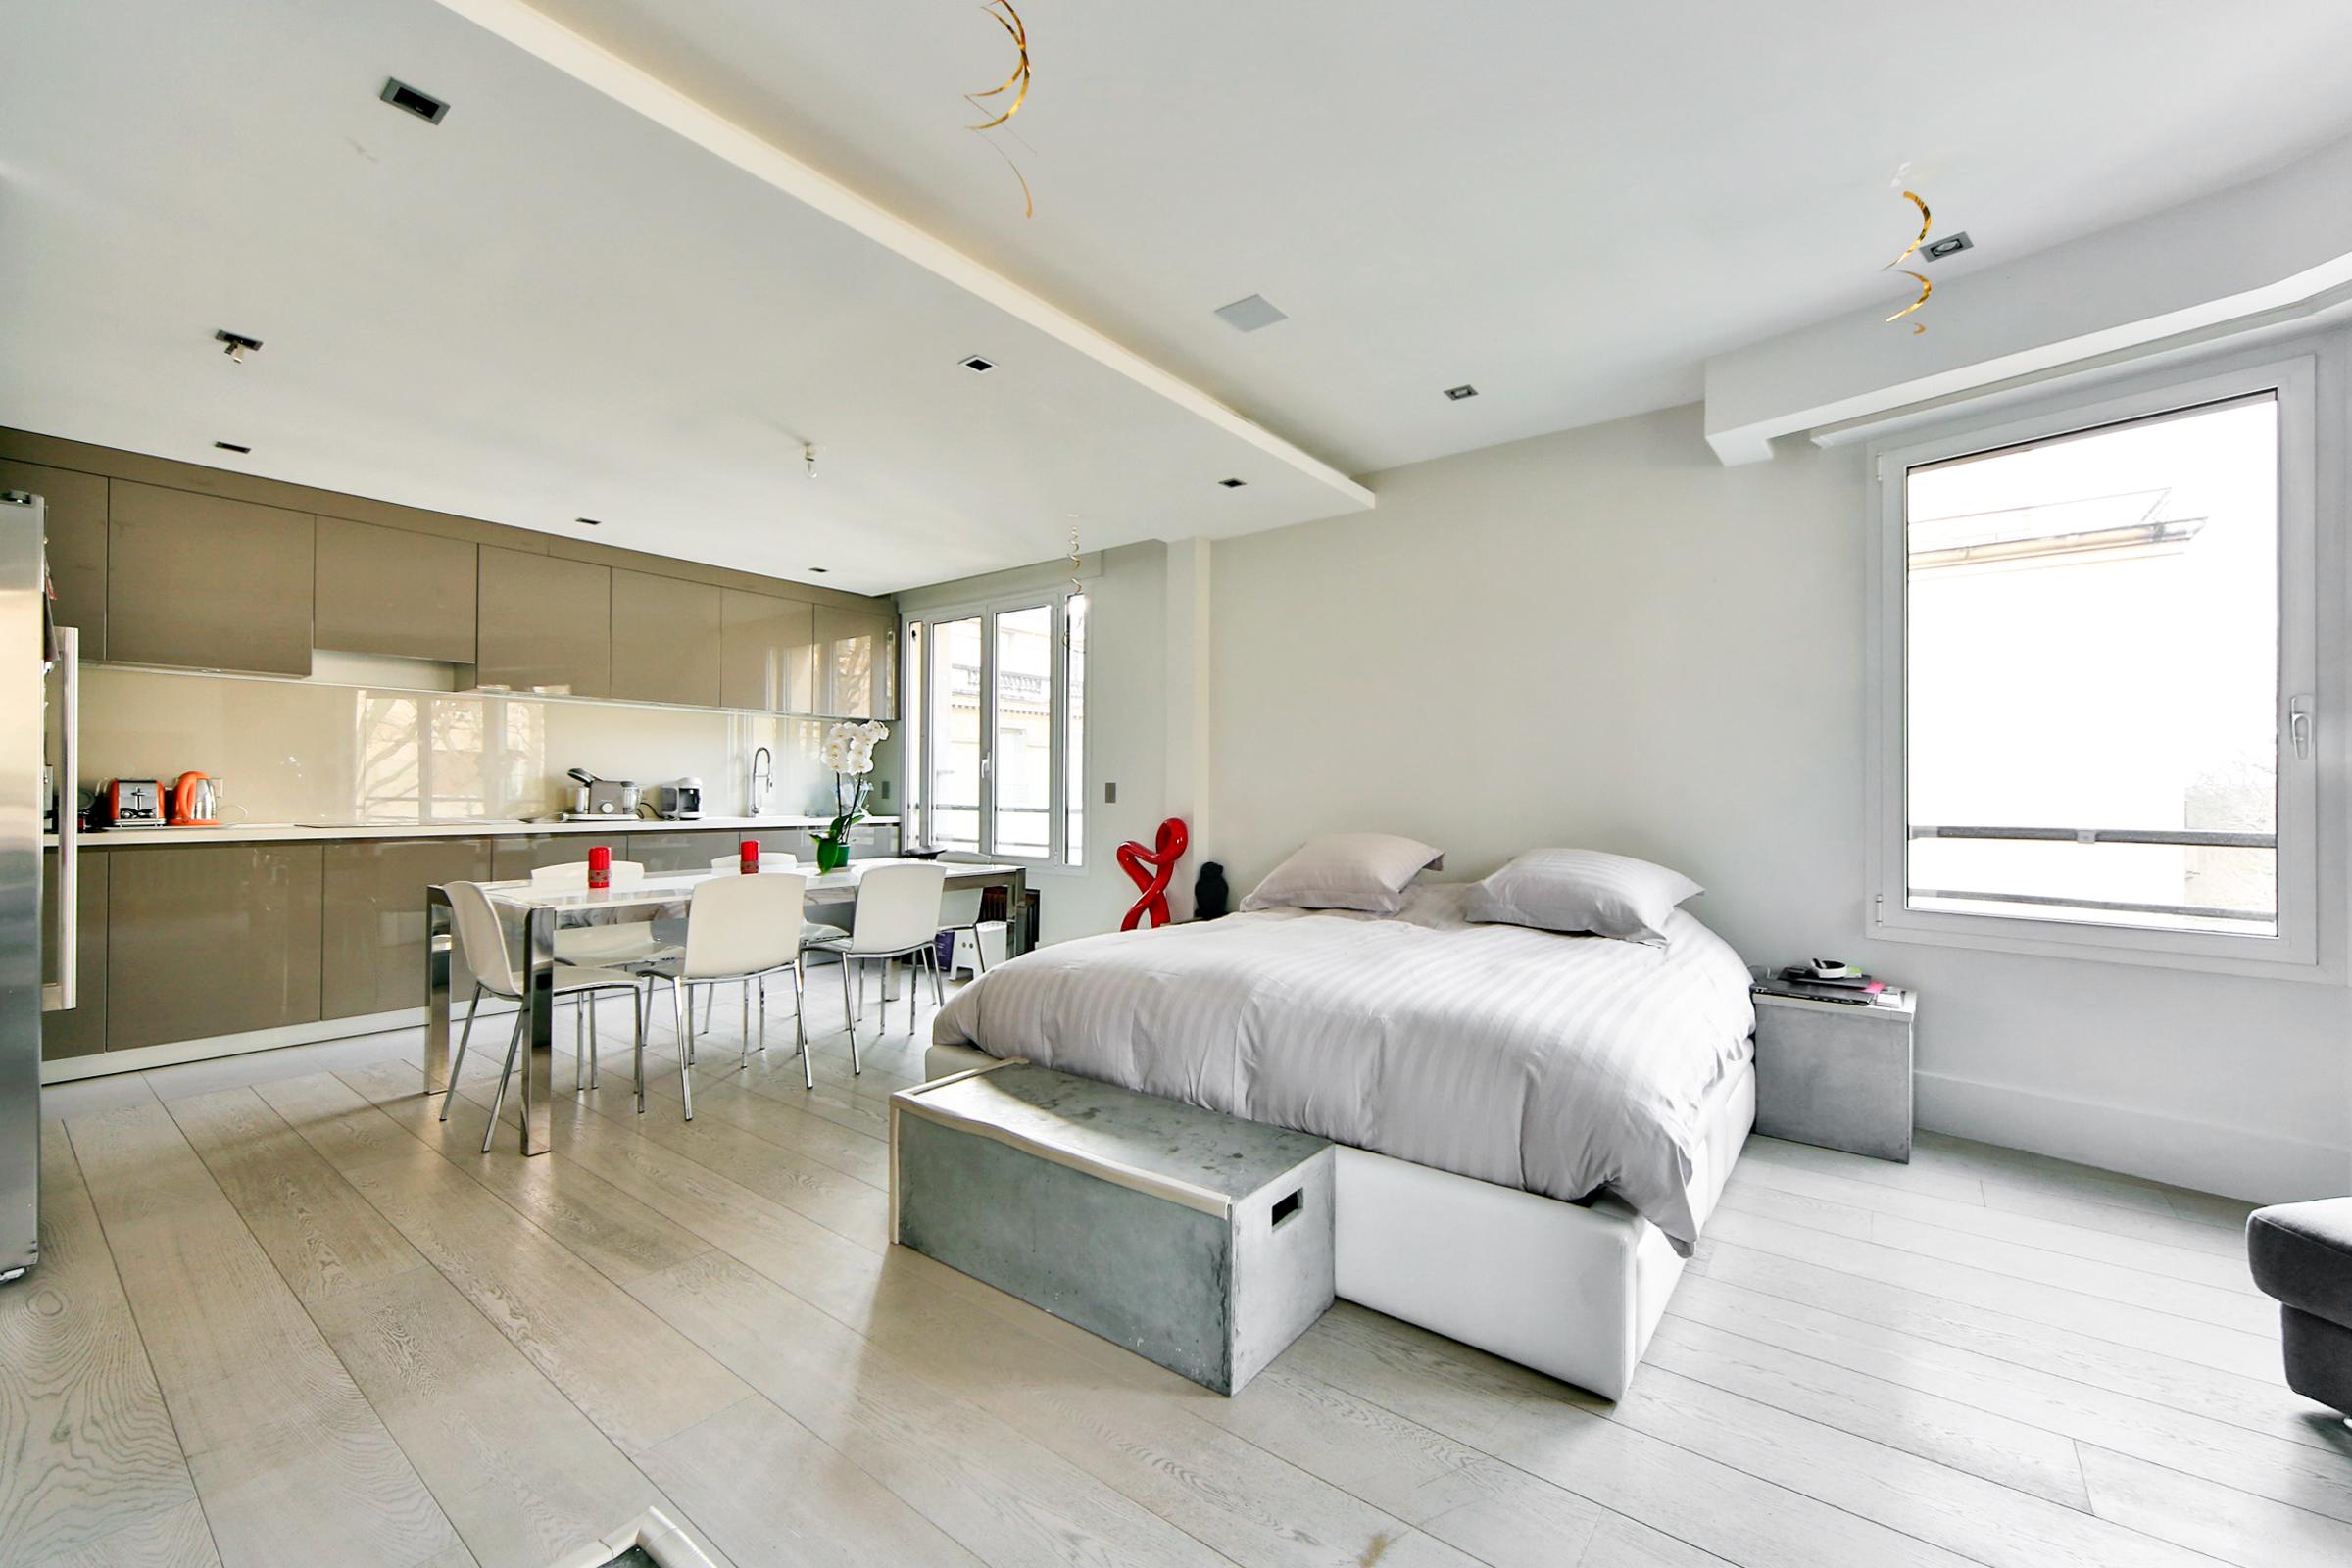 Căn hộ vì Bán tại Apartment - La Muette Paris, Paris 75016 Pháp